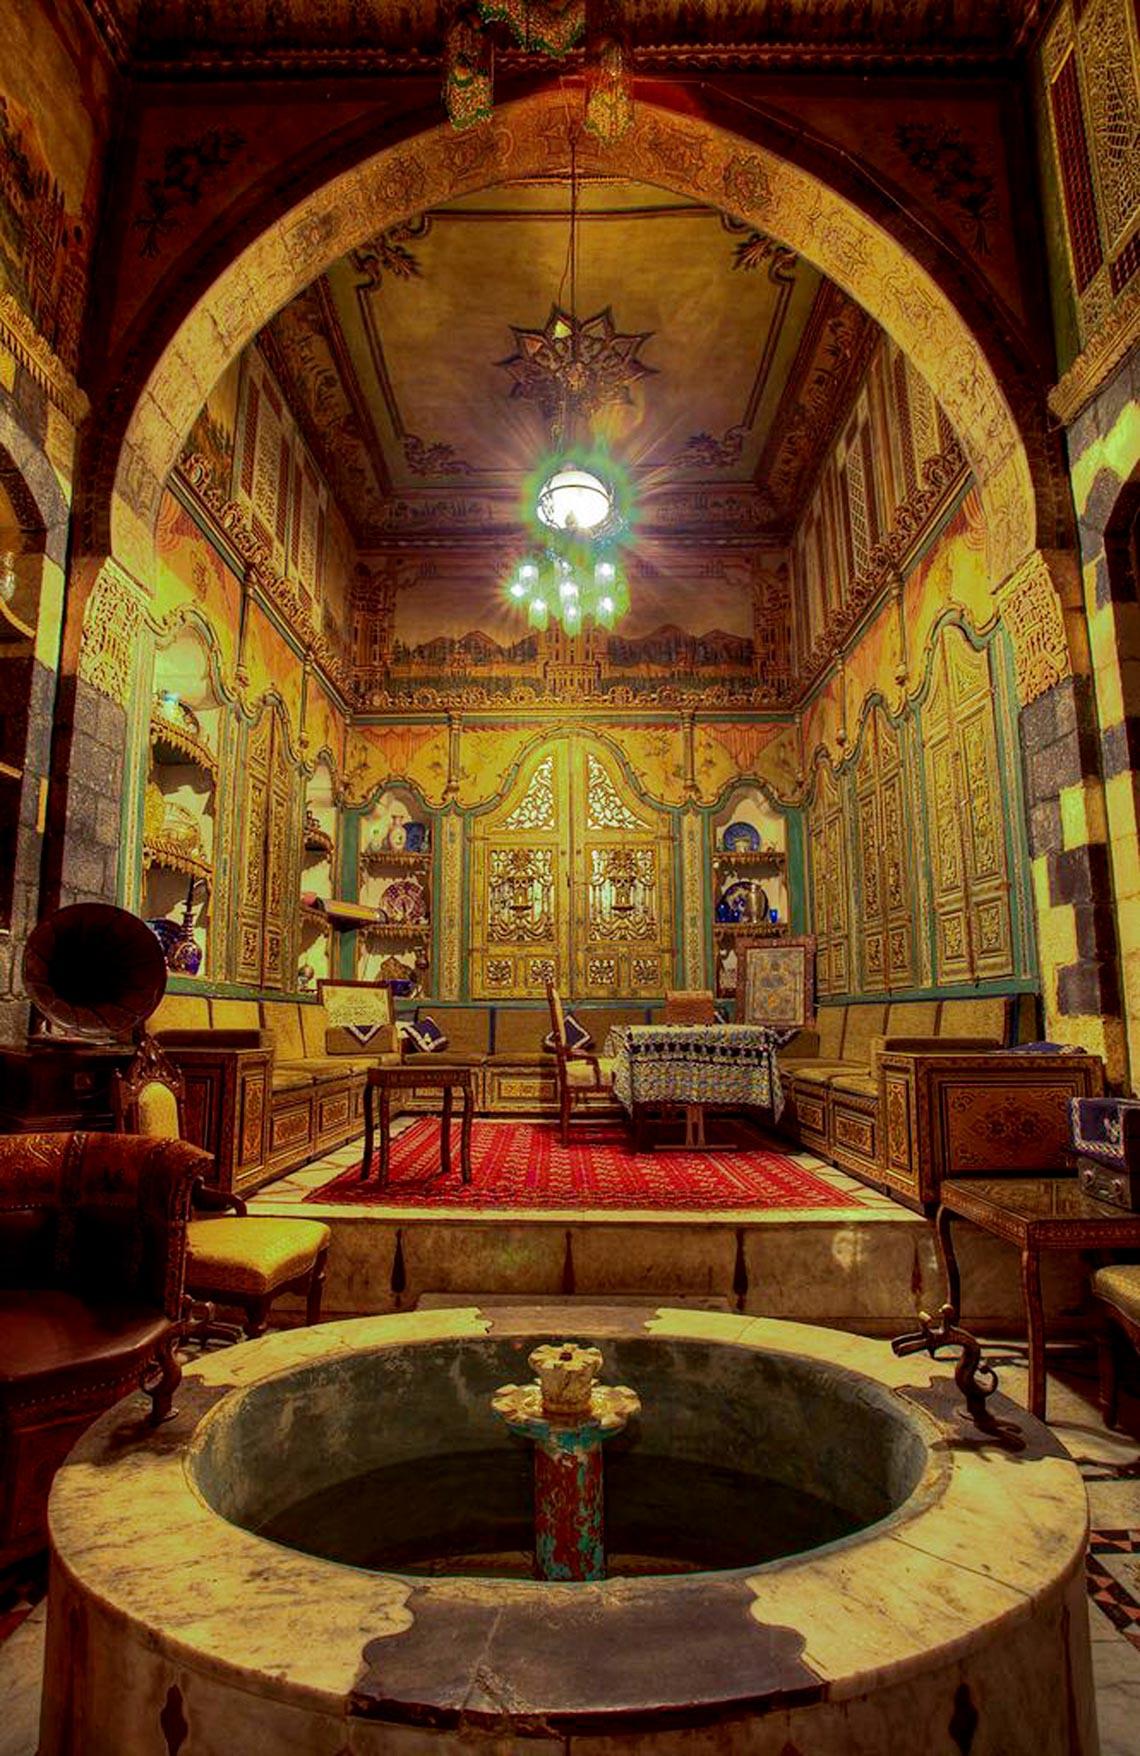 Nhà cổ truyền Syria, mát rượi và bình yên -12